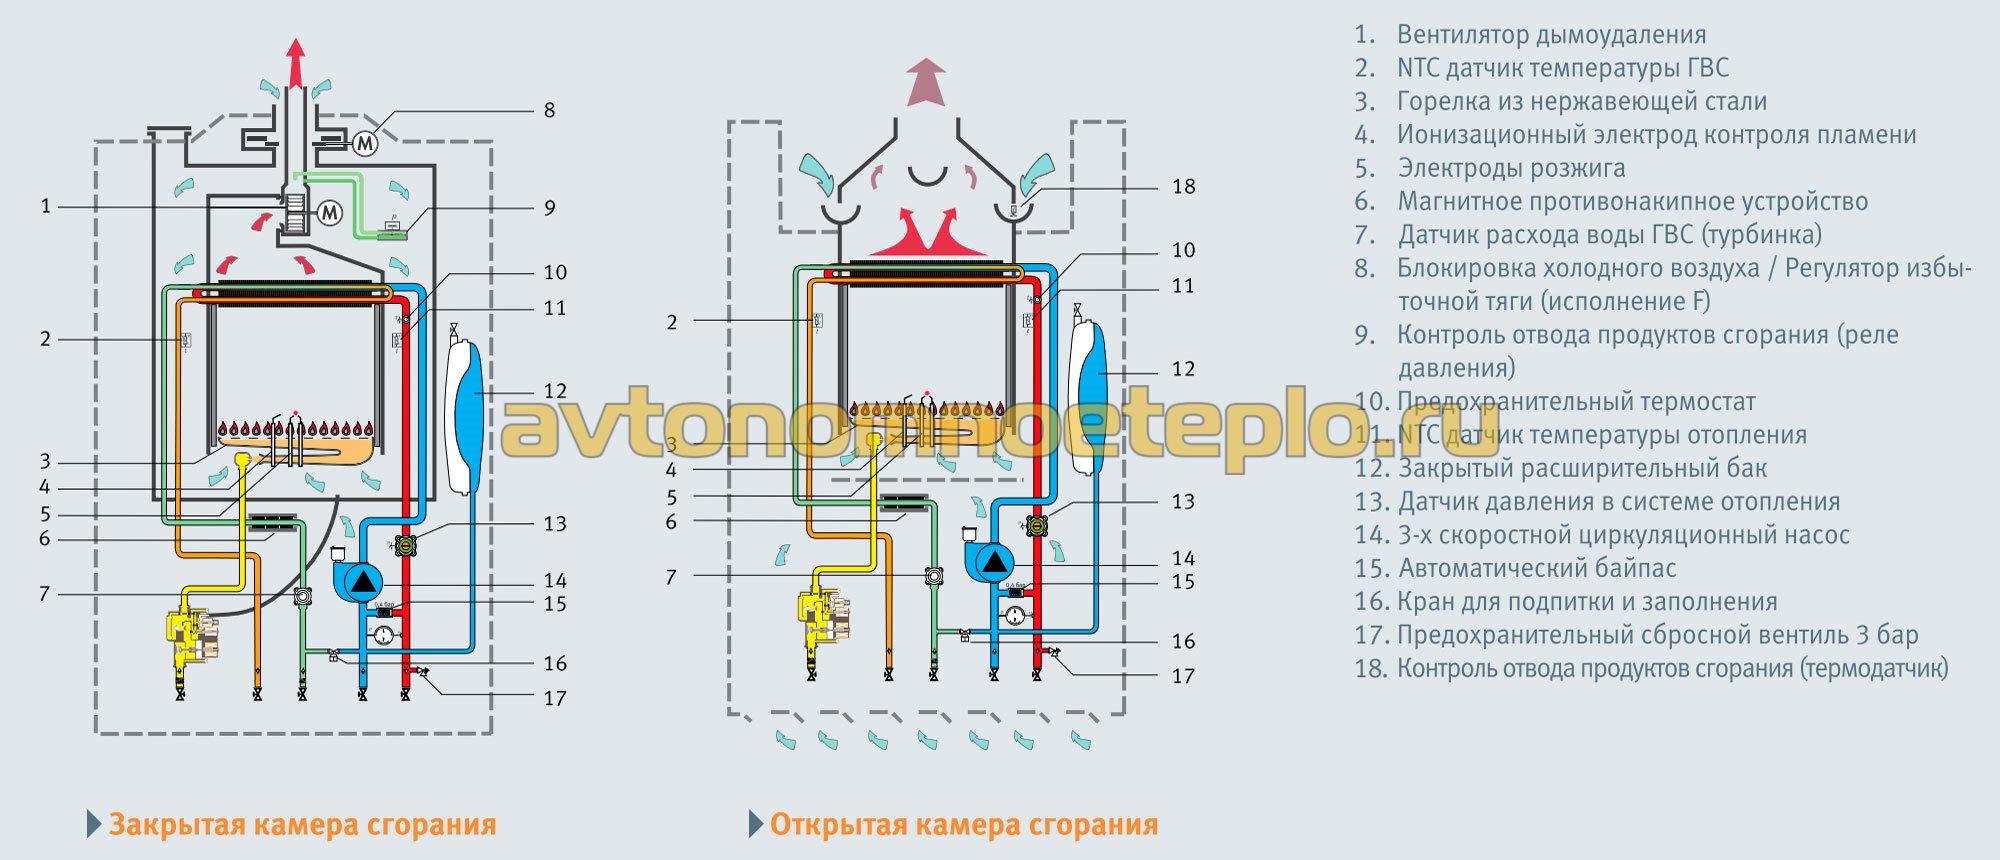 Инструкция по эксплуатации газовых котлов solly